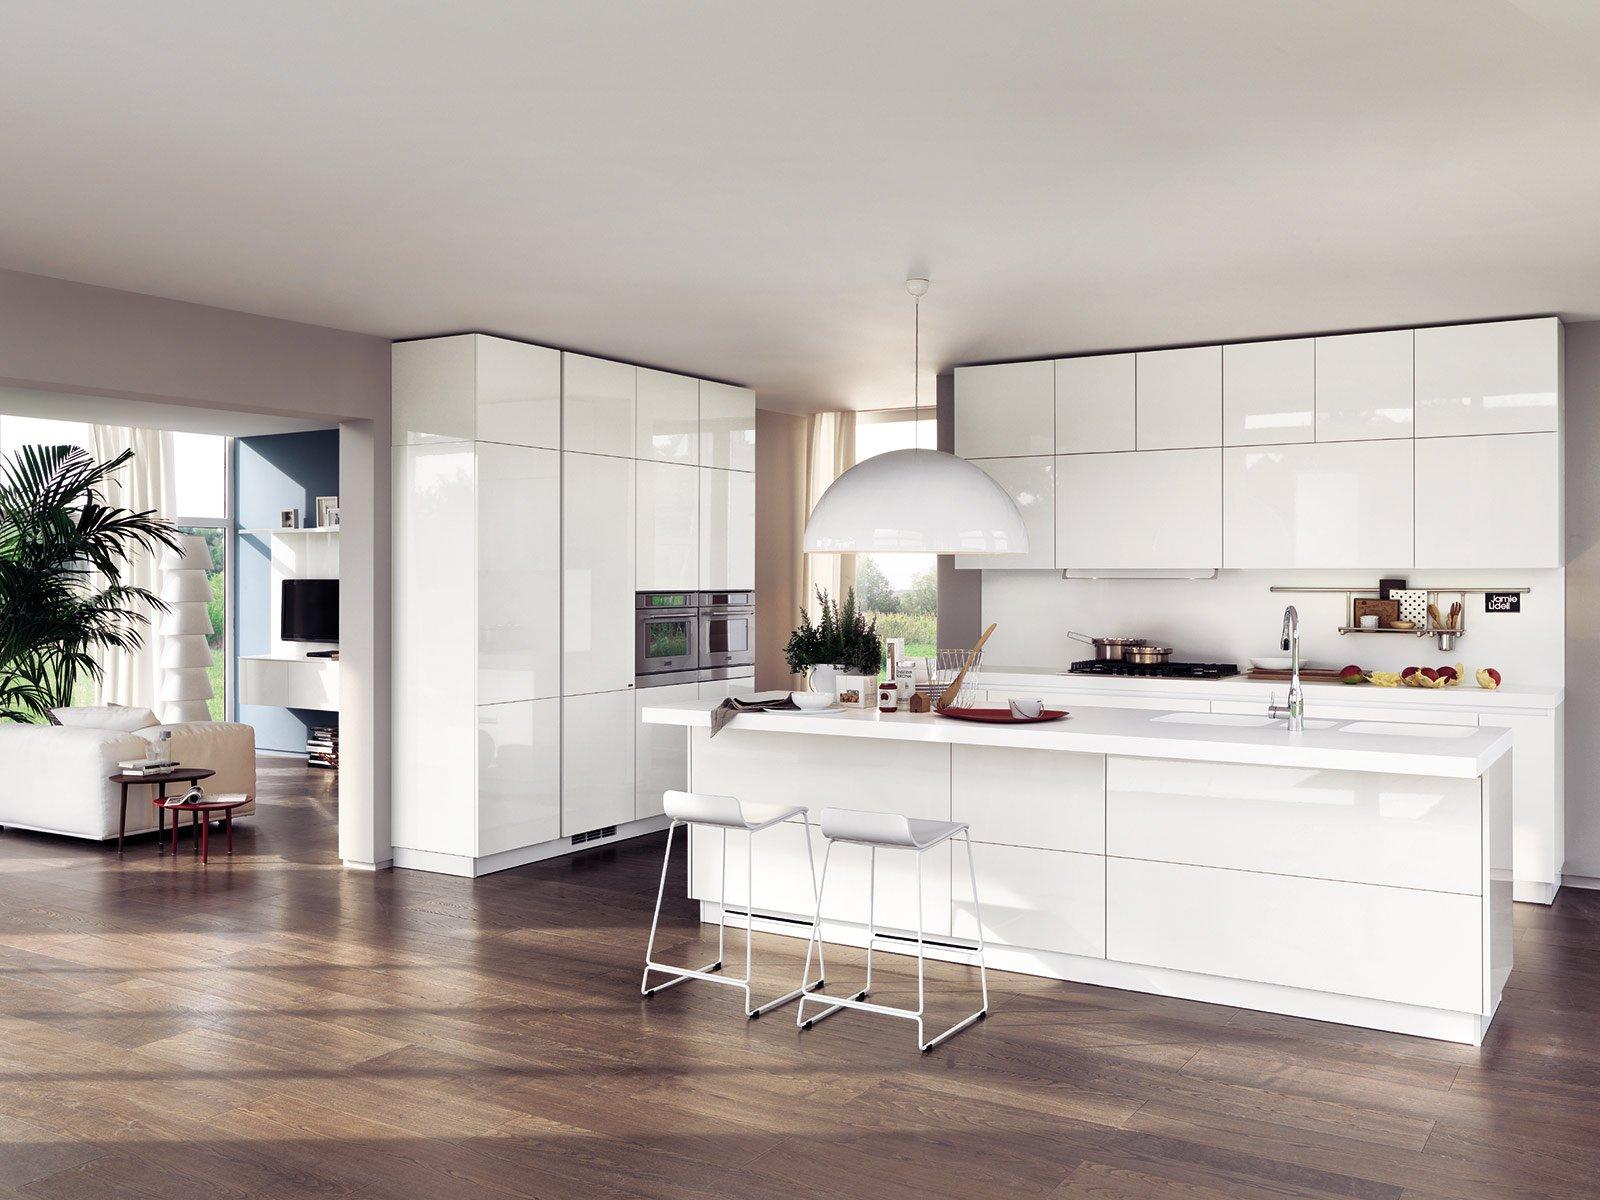 La cucina con l'isola: monocromatica o bicolore - Cose di Casa